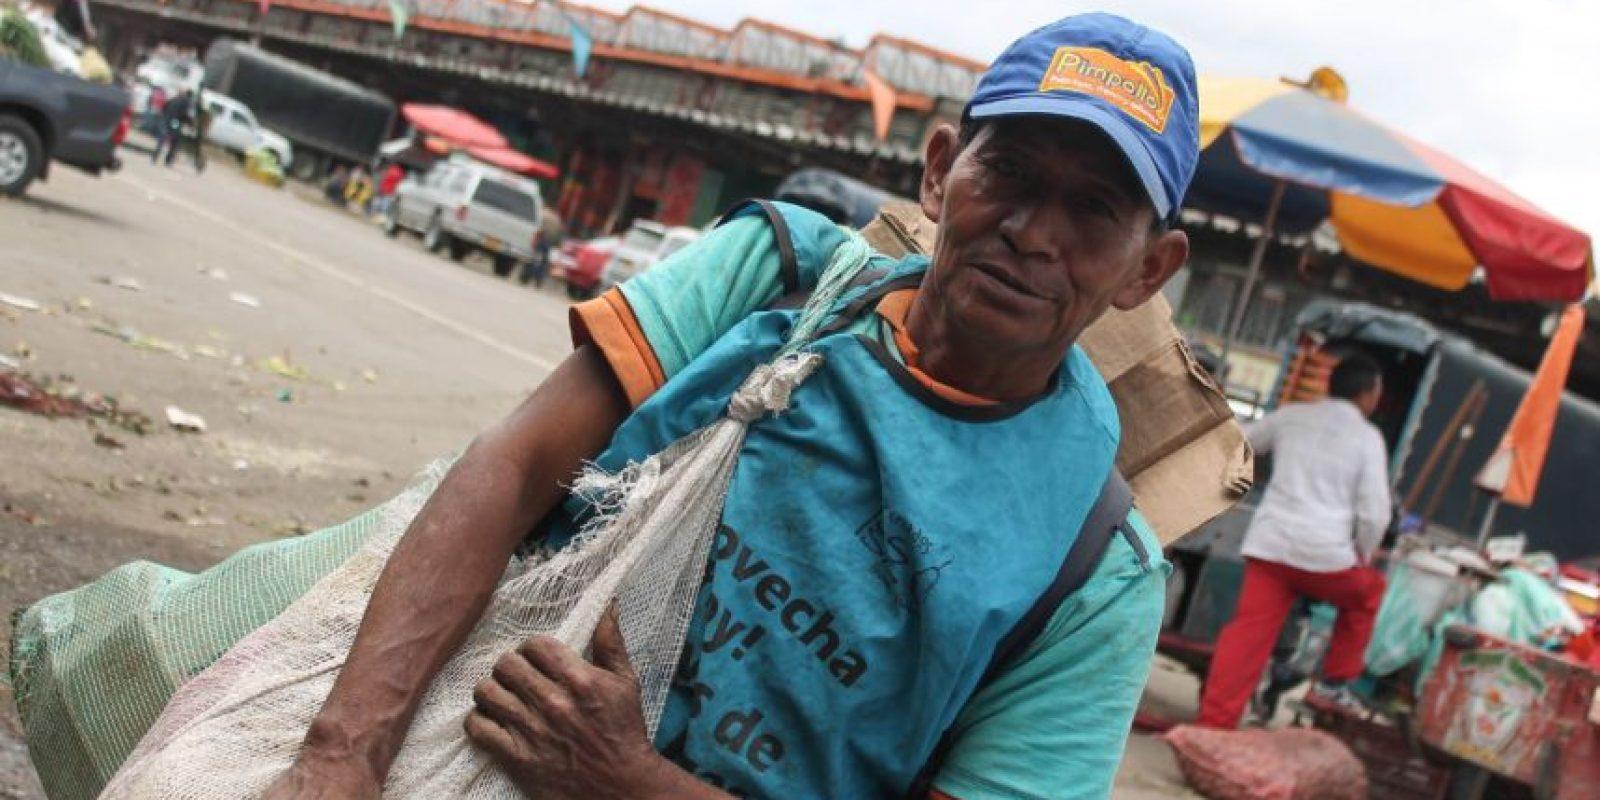 Jorge no viene por comida, viene por las bolsas de plástico y los costales que recoge luego de que son desocupados por sus dueños. Foto:Sofía Toscano- Publimetro